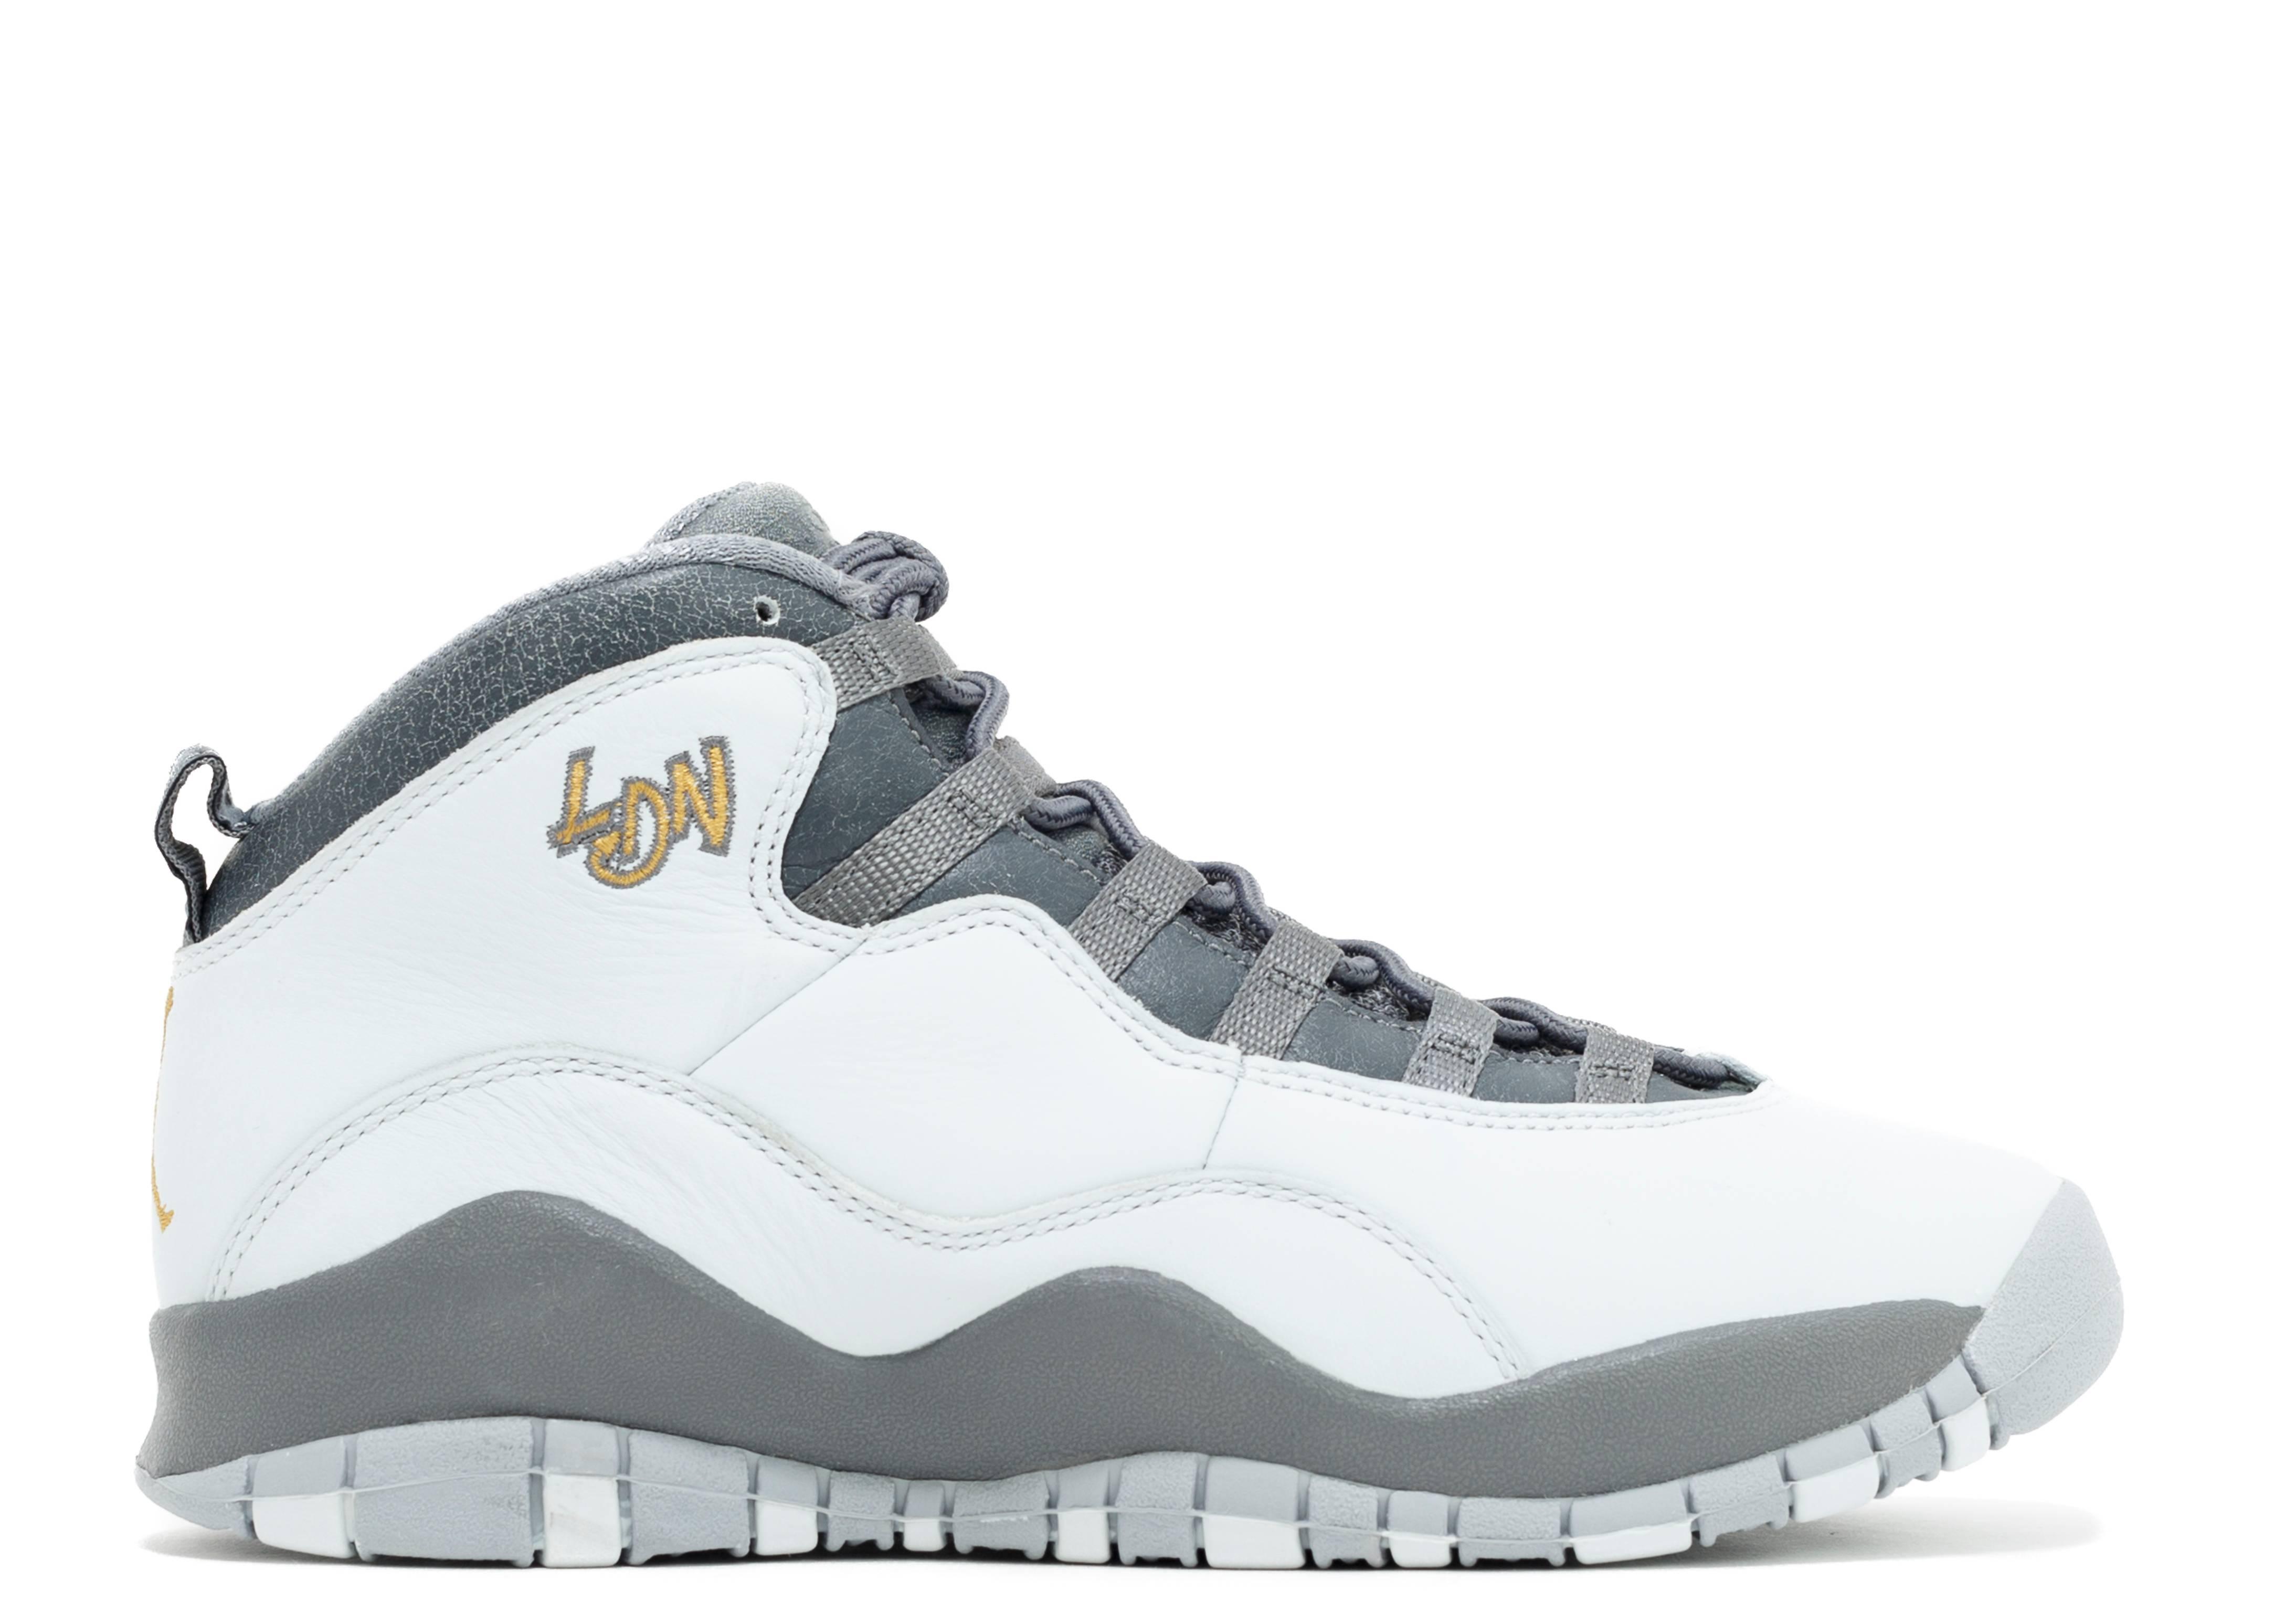 c28fe27a5a297 Air Jordan 10 Retro Bg